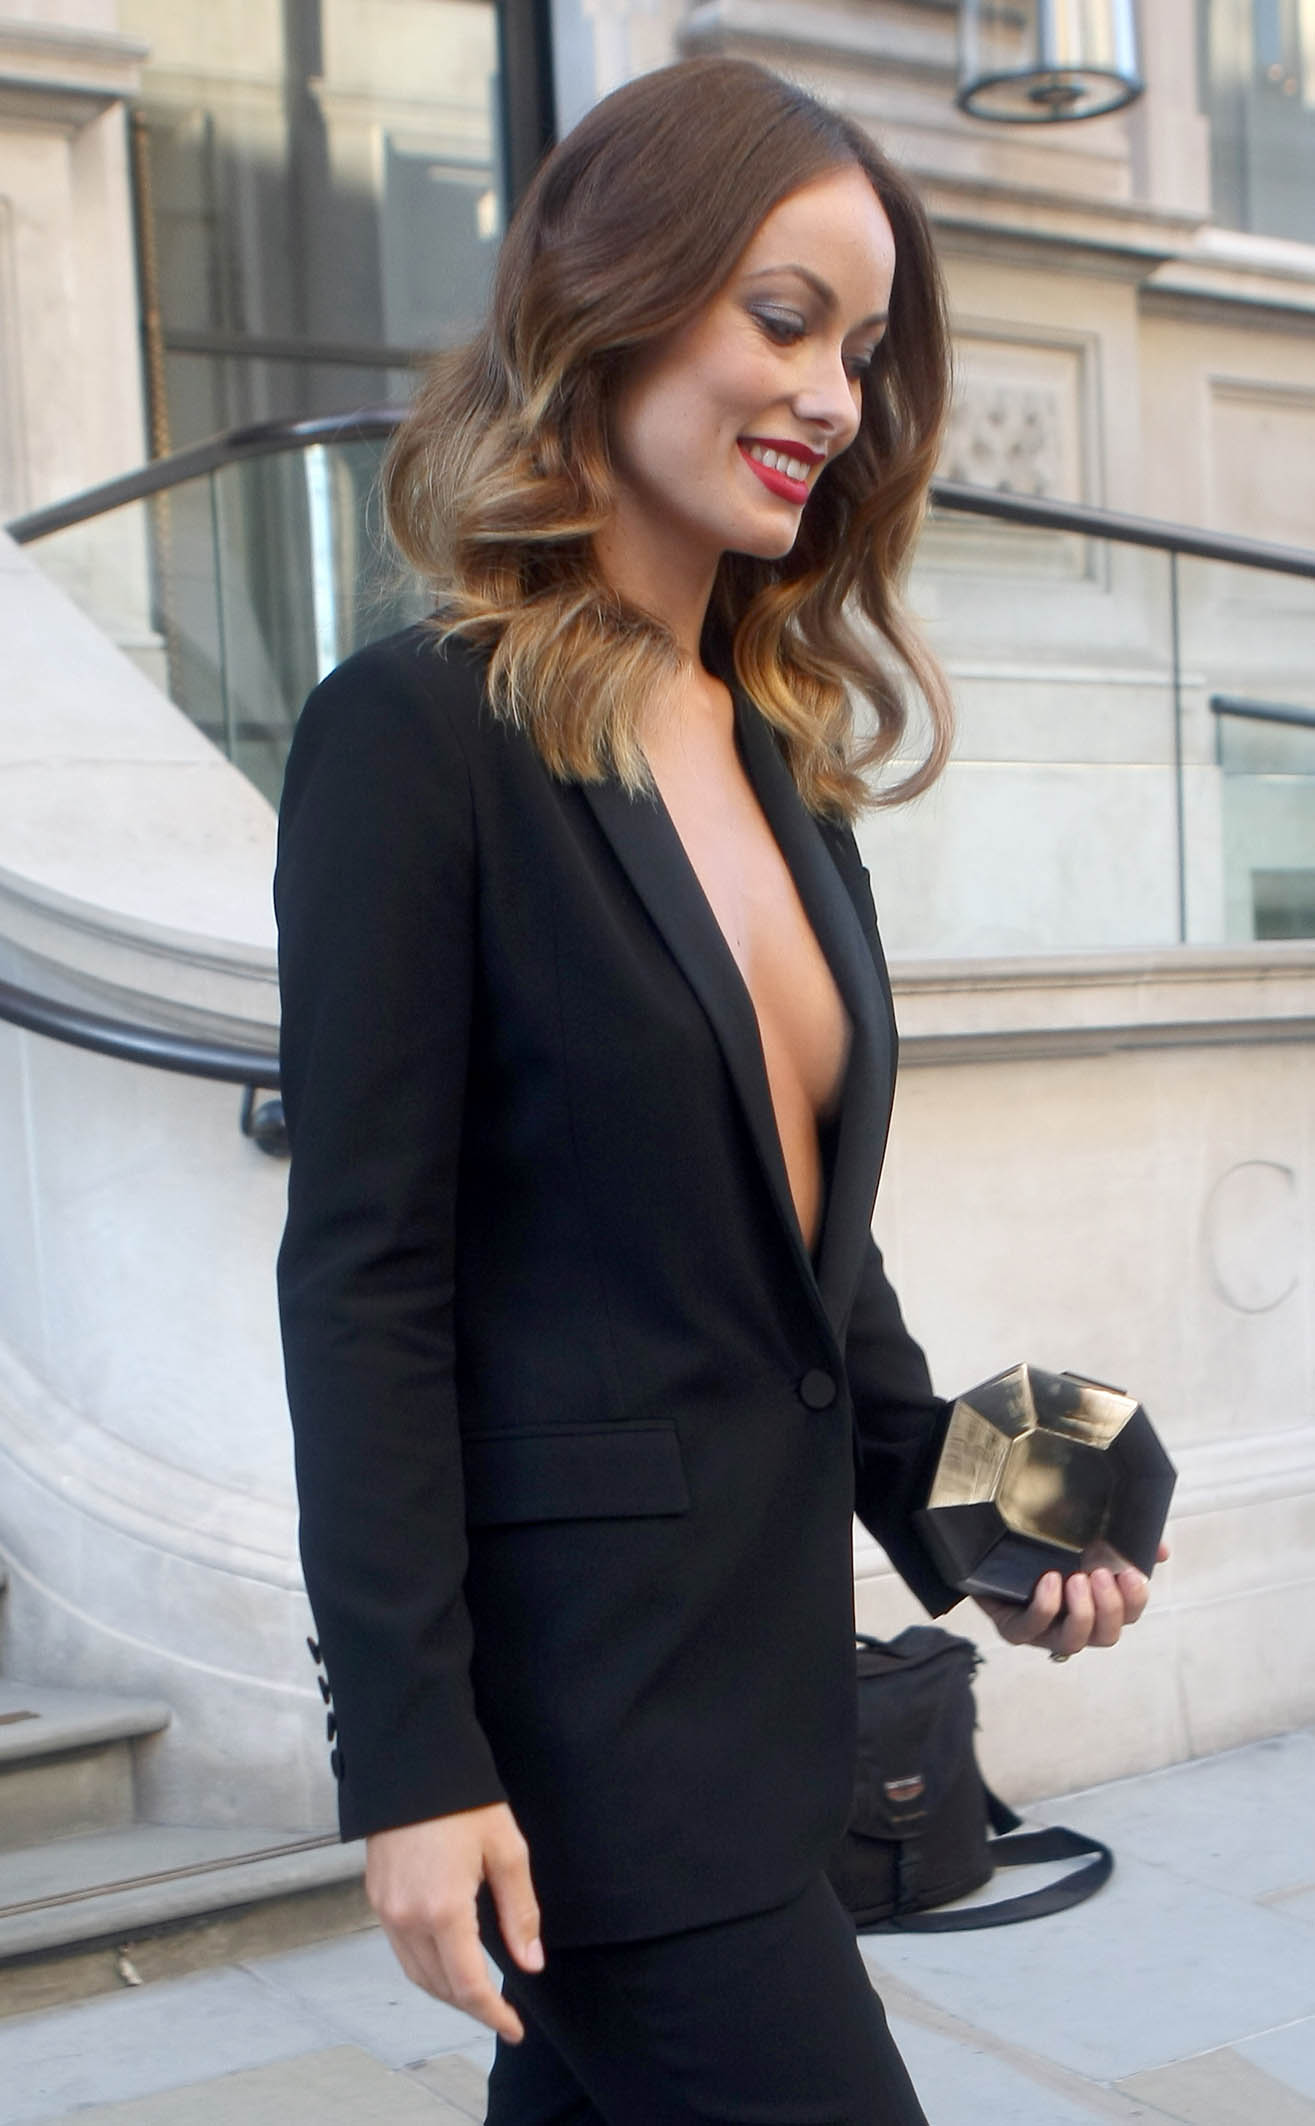 Sophie Lynx